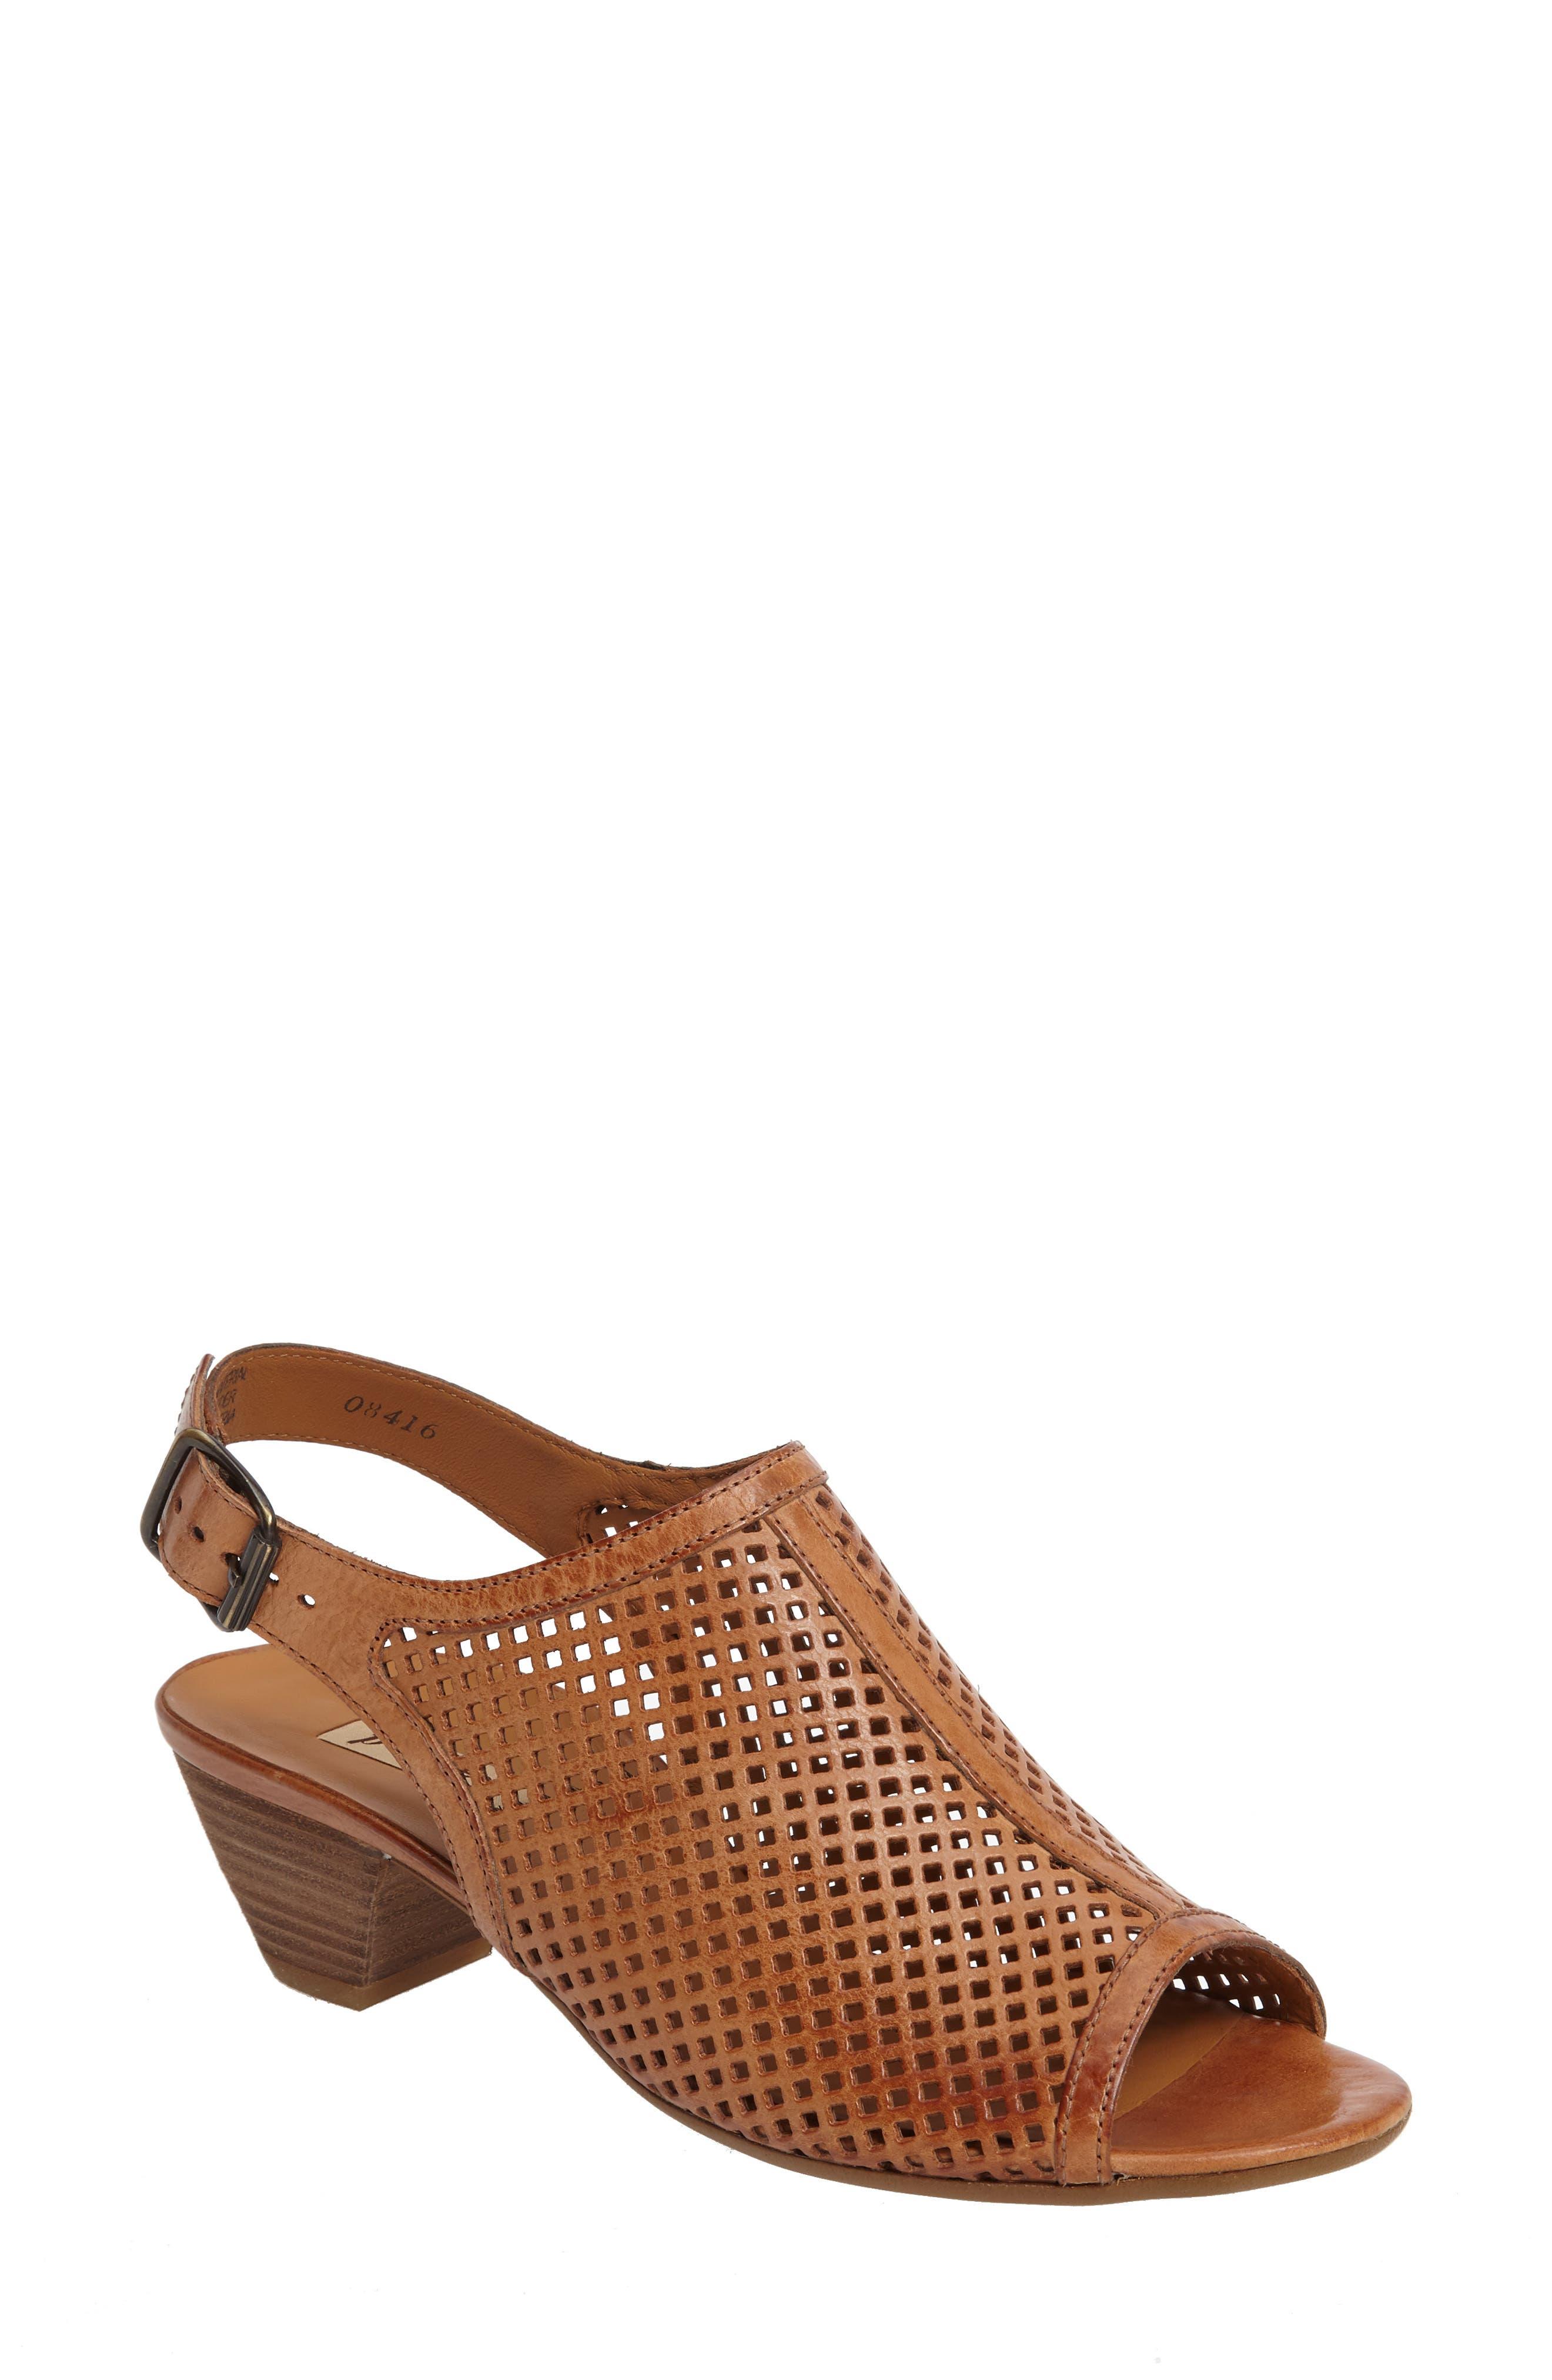 f427cf2031e Paul Green Shoes for Women